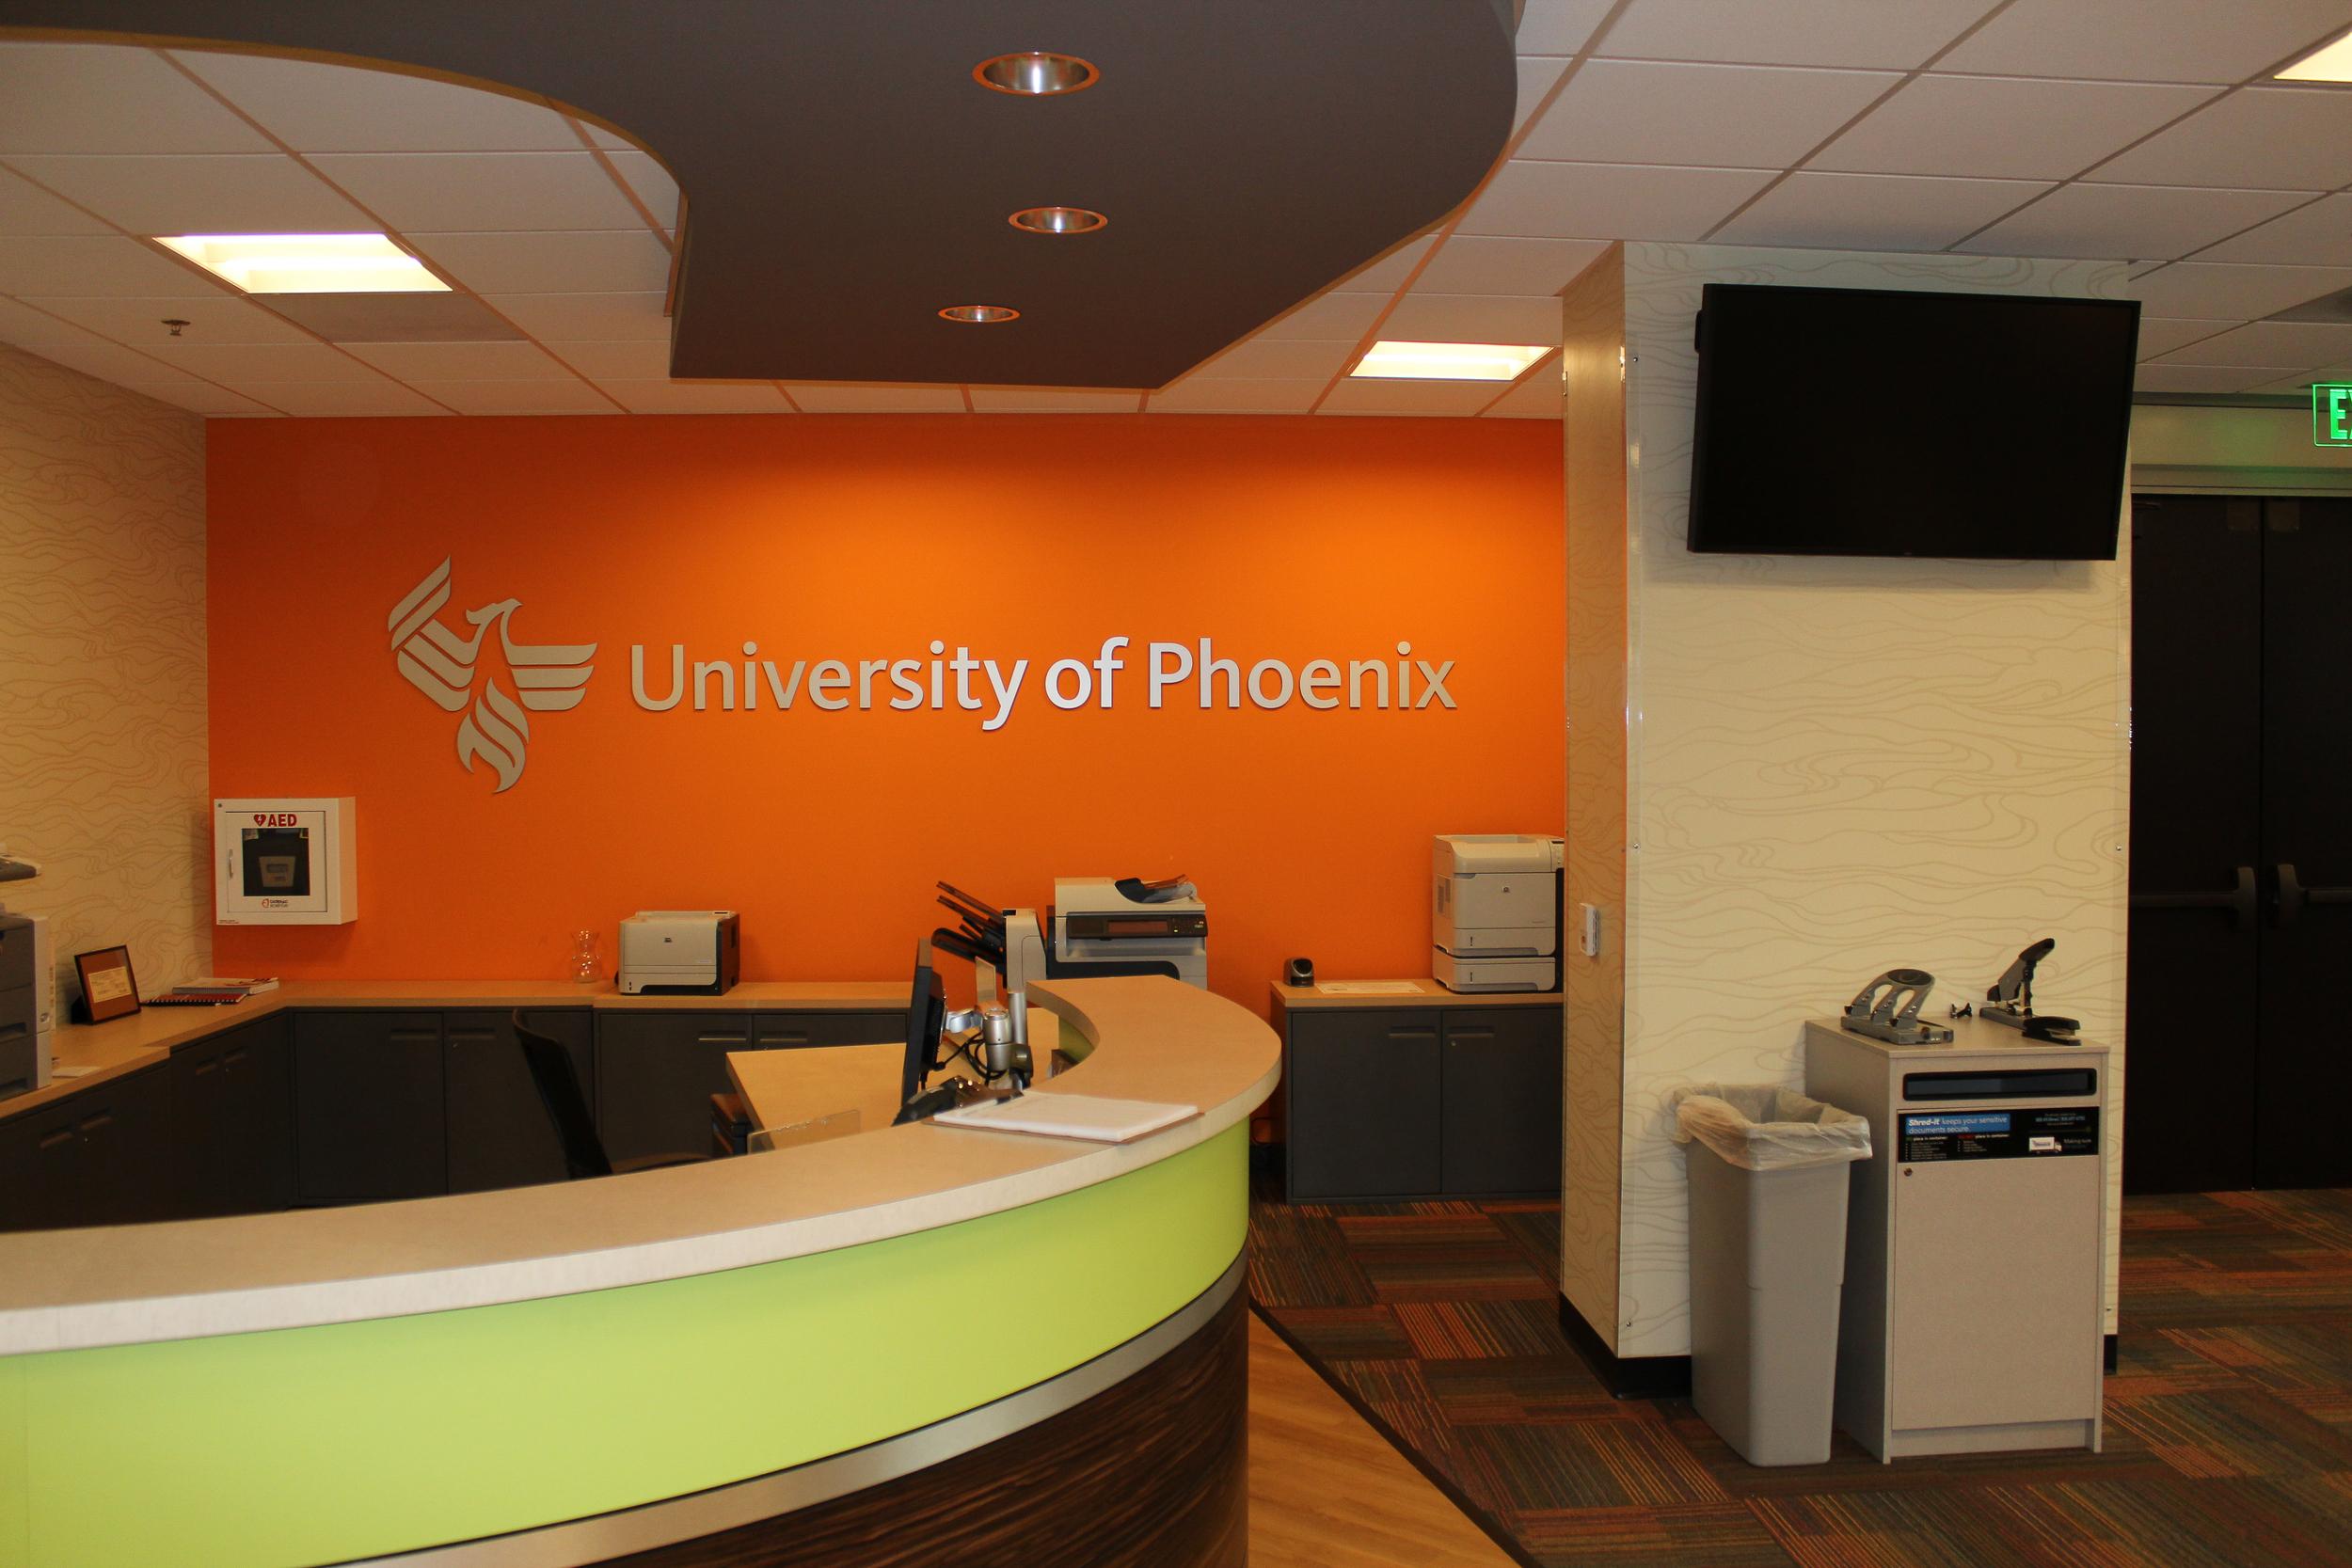 University of Phoenix San Marcos built by K.D. Stahl Construction